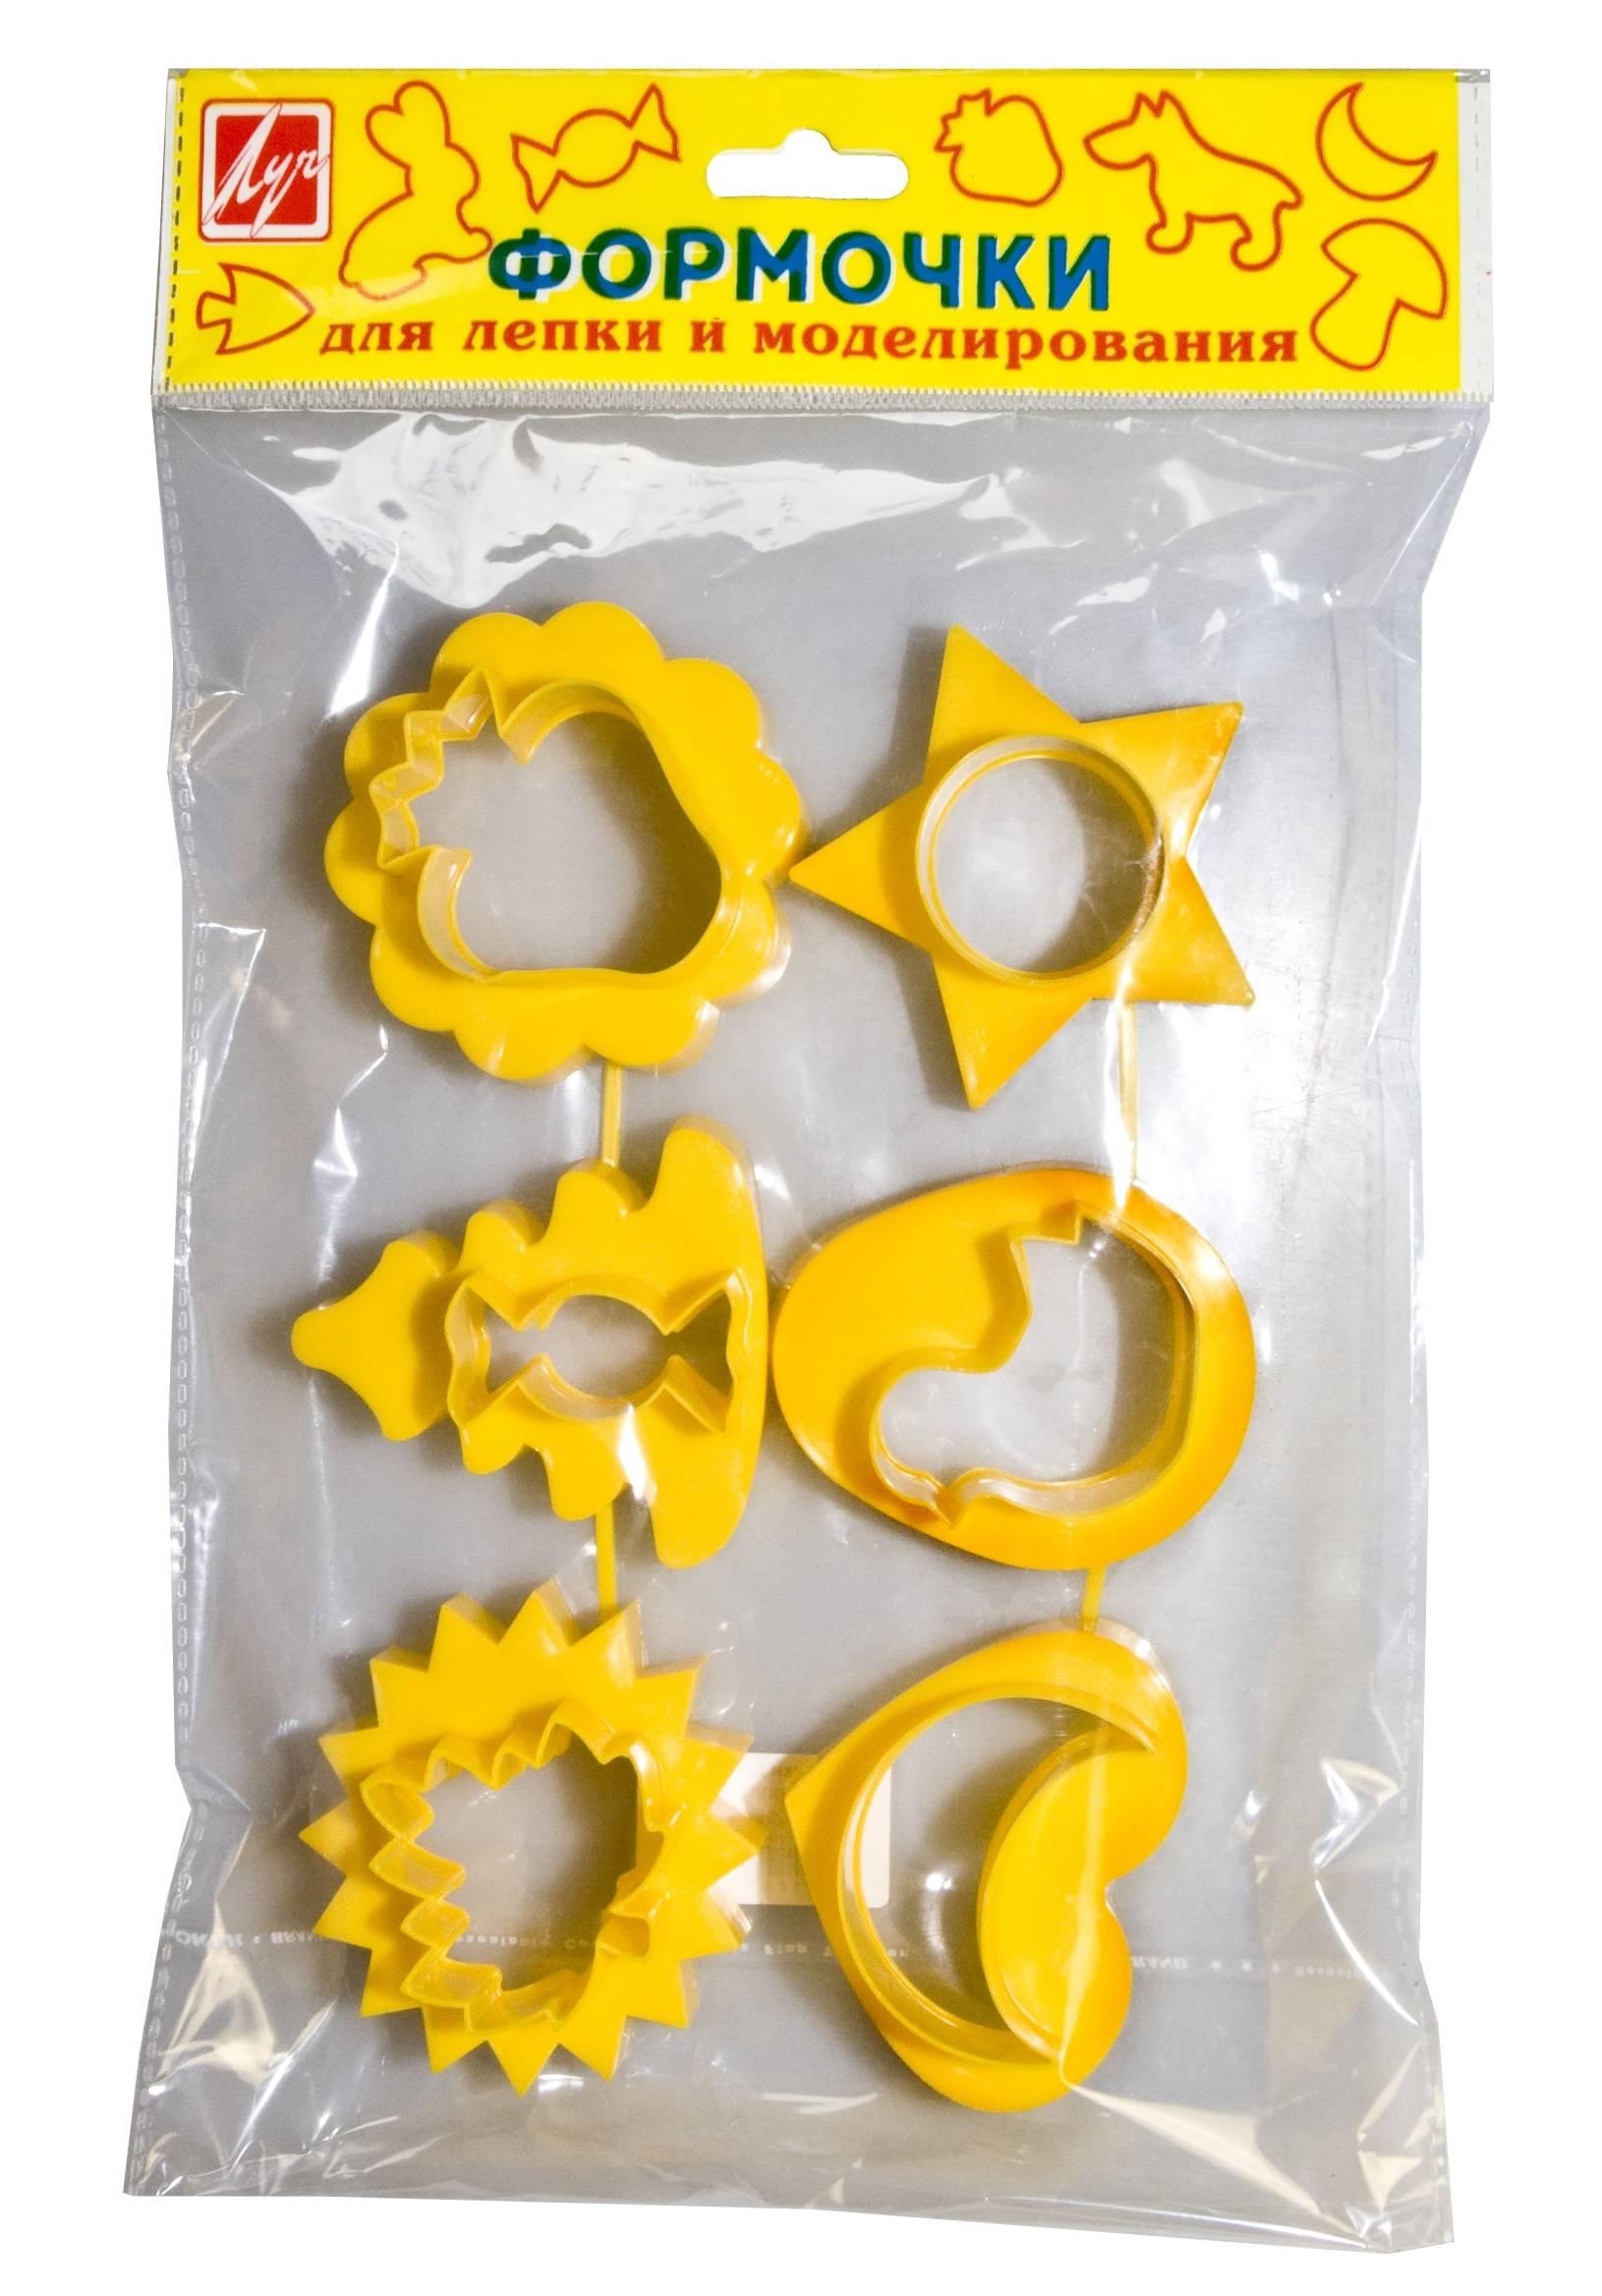 Формочки лепки и моделирования, пластик №2